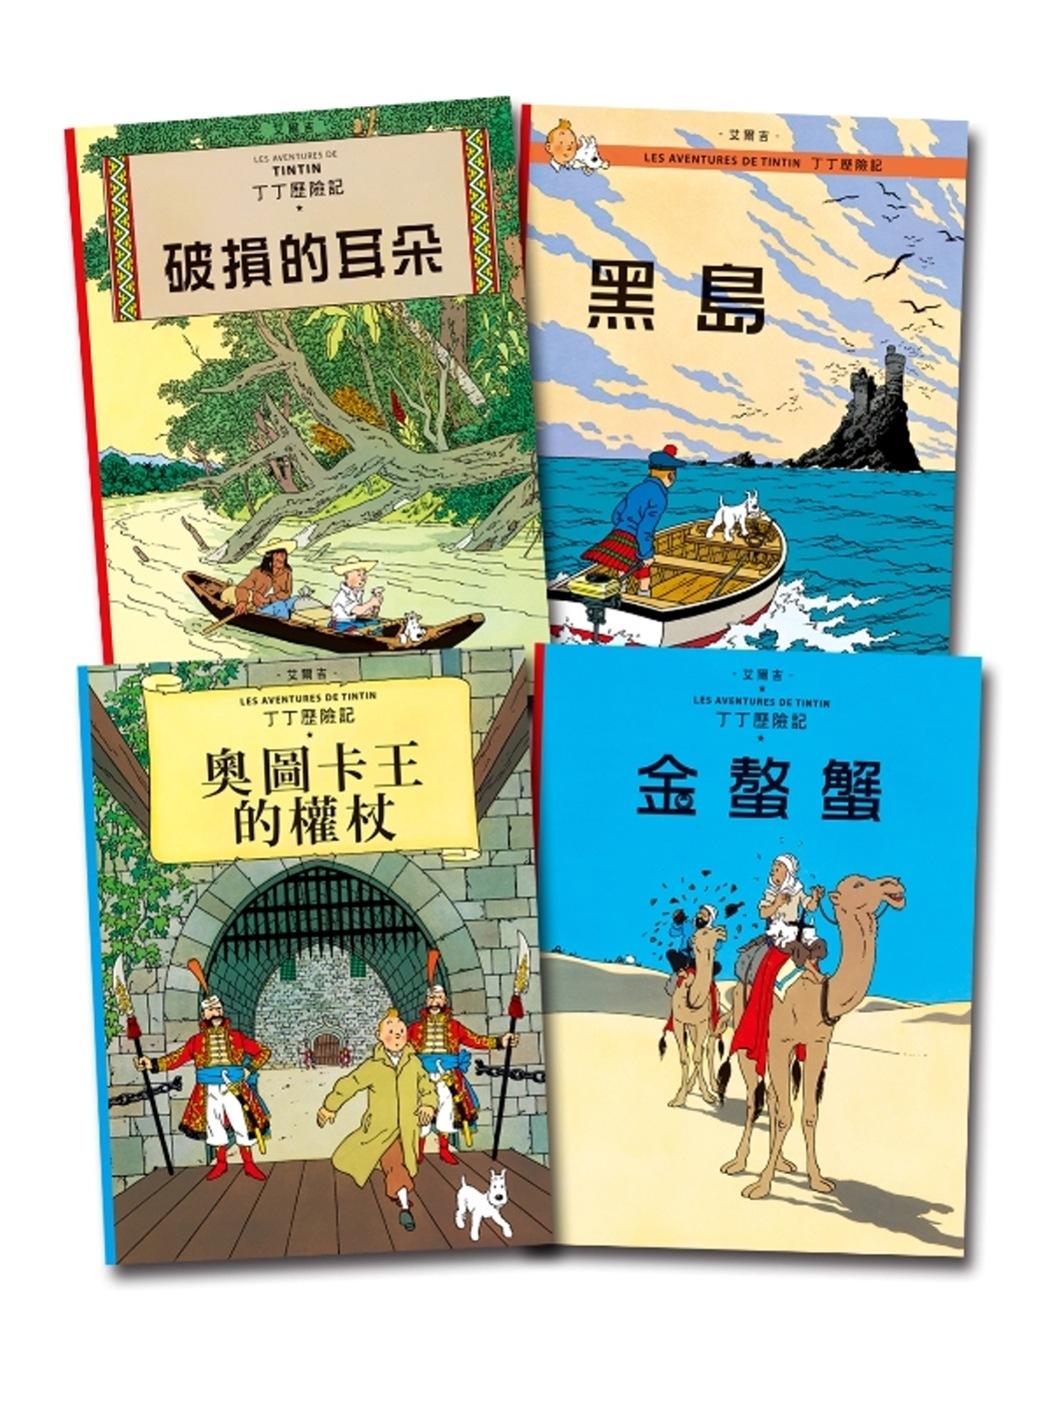 丁丁歷險記套書2 (5-8集):5.破損的耳朵、6.黑島、7.奧圖卡王的權杖、8.金螯蟹